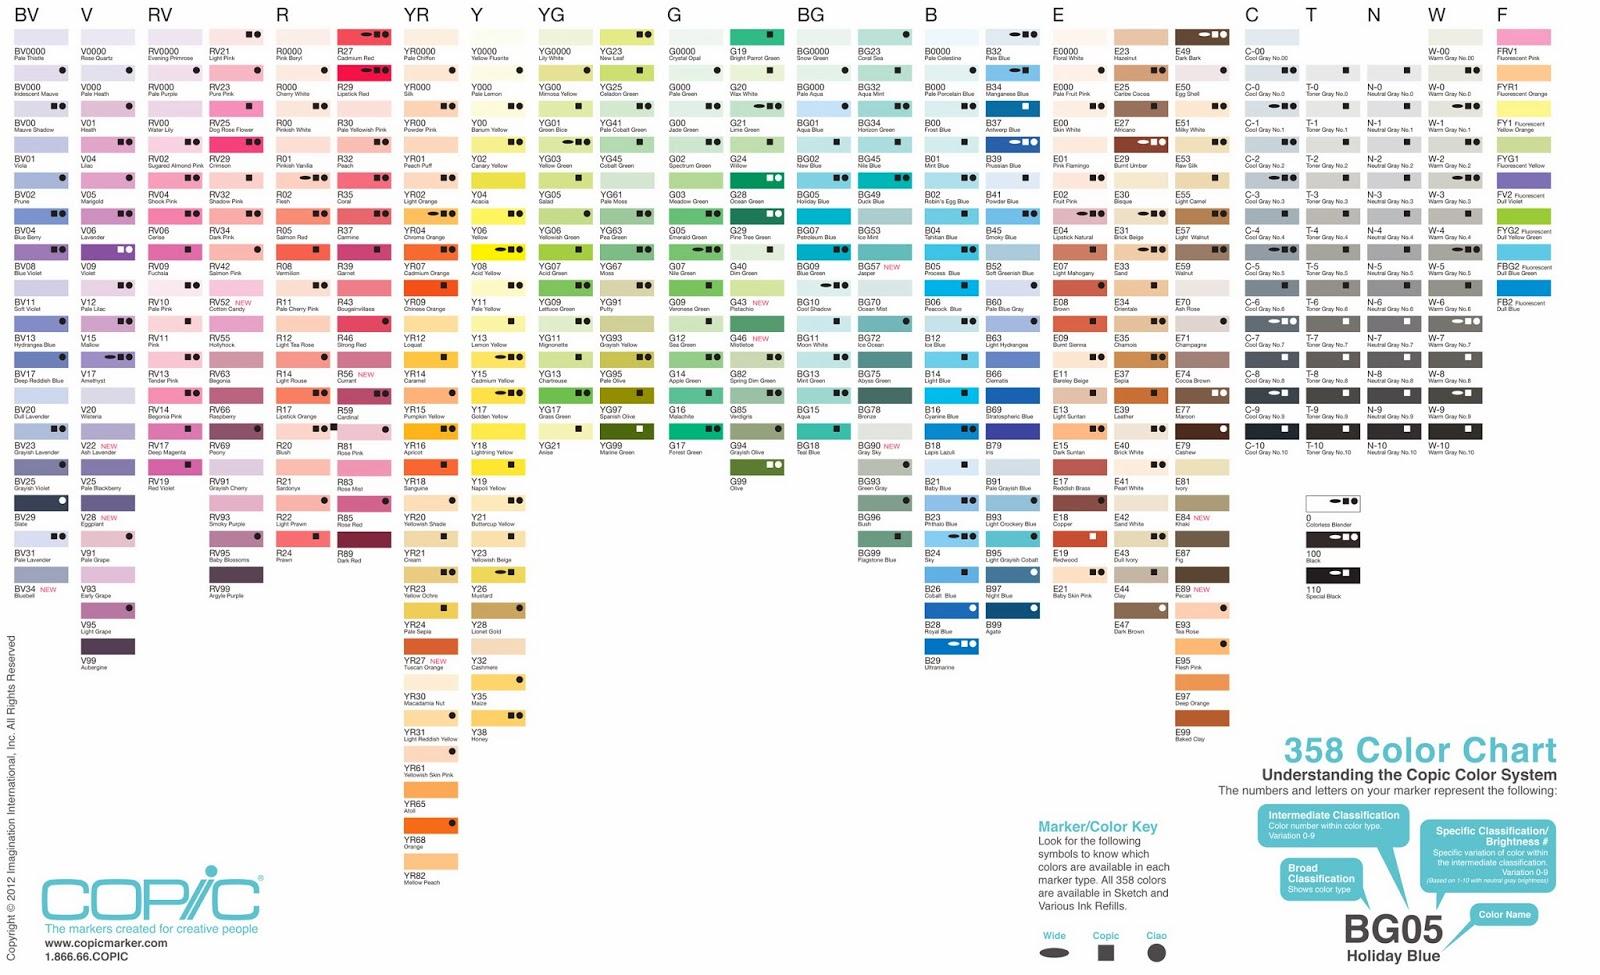 Wonderbling : The Copic color chart / Le nuancier Copic